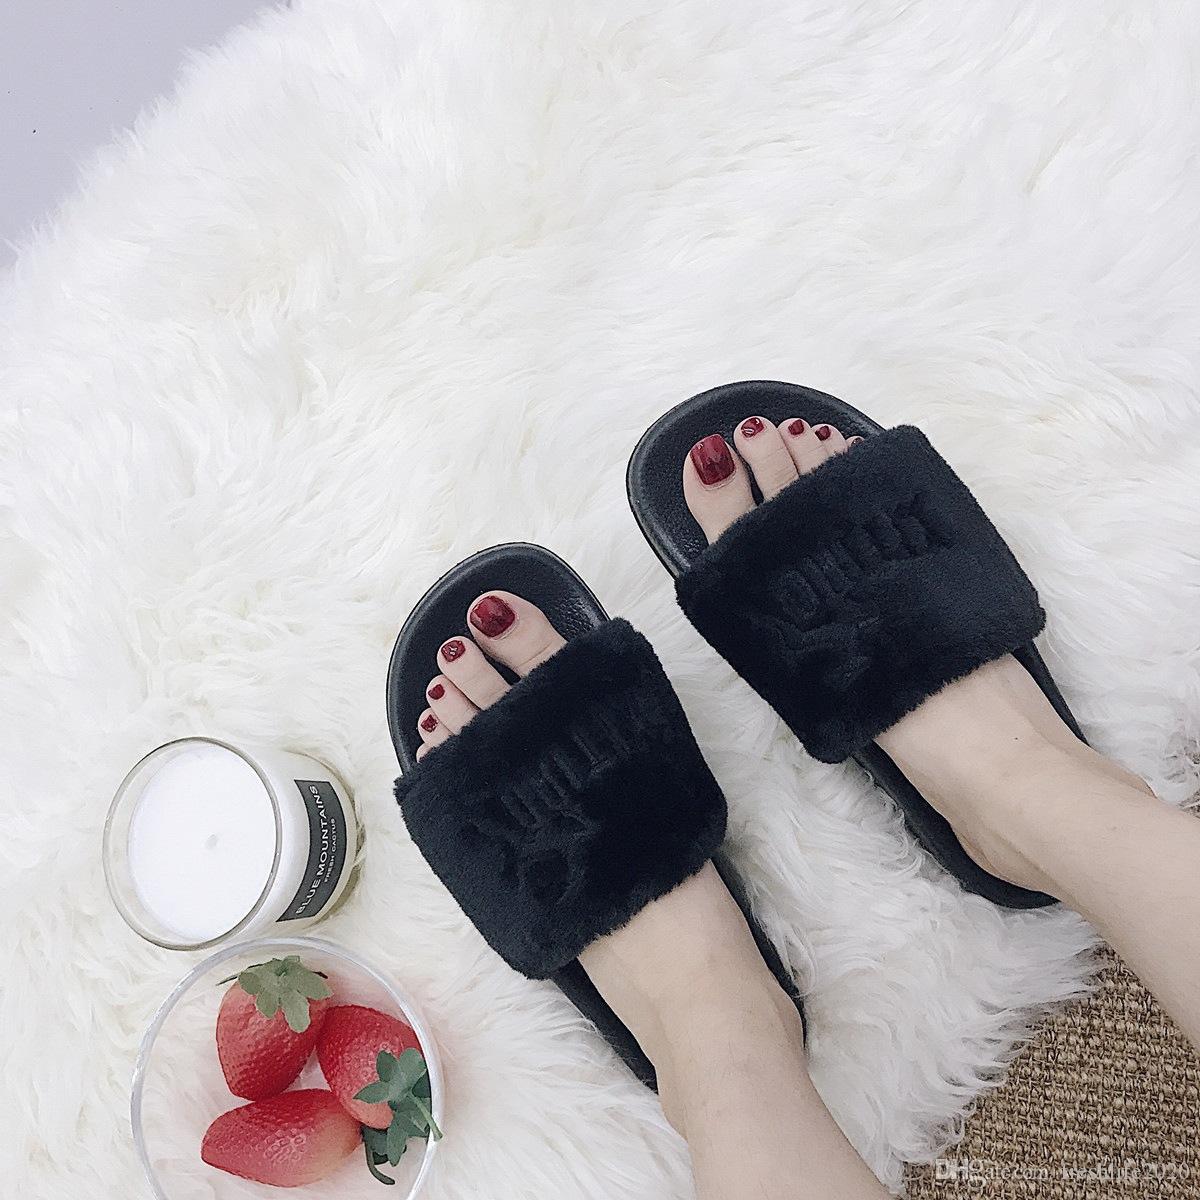 2020 Heißer Verkauf Frauen Plüsch Haus Stickerei Buchstaben Plüsch Pantoffeln Frau Beleg auf Wohnungen Nette Bowtie Weibliche pelzigen Slides Winter Pantoffel